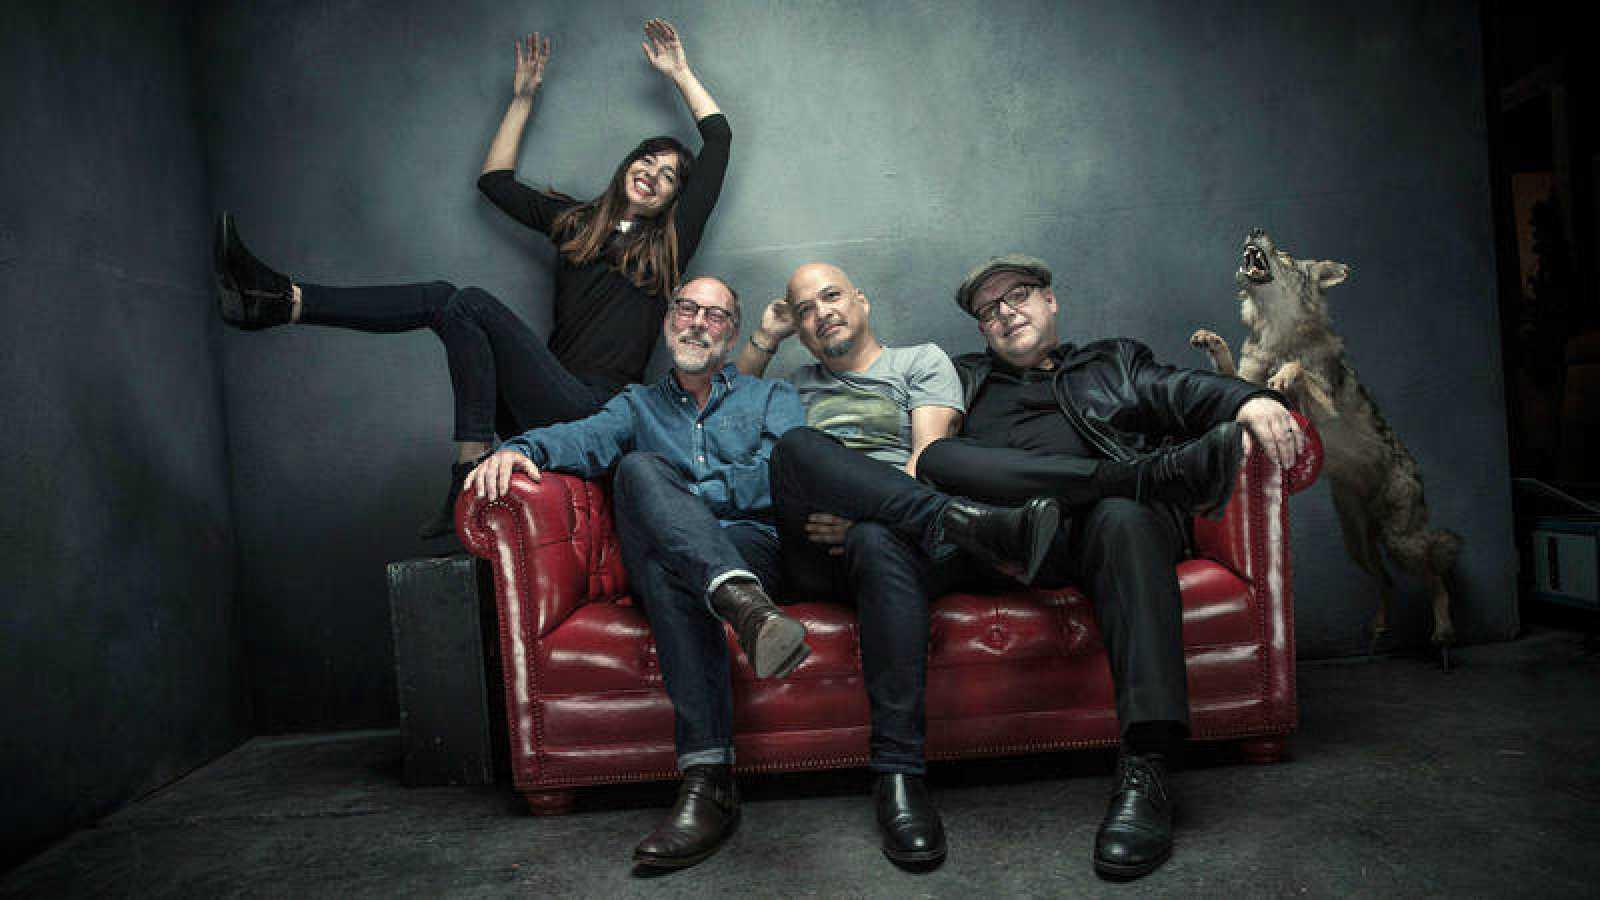 Pixies ofrecerán en el Low su único concierto en España este año